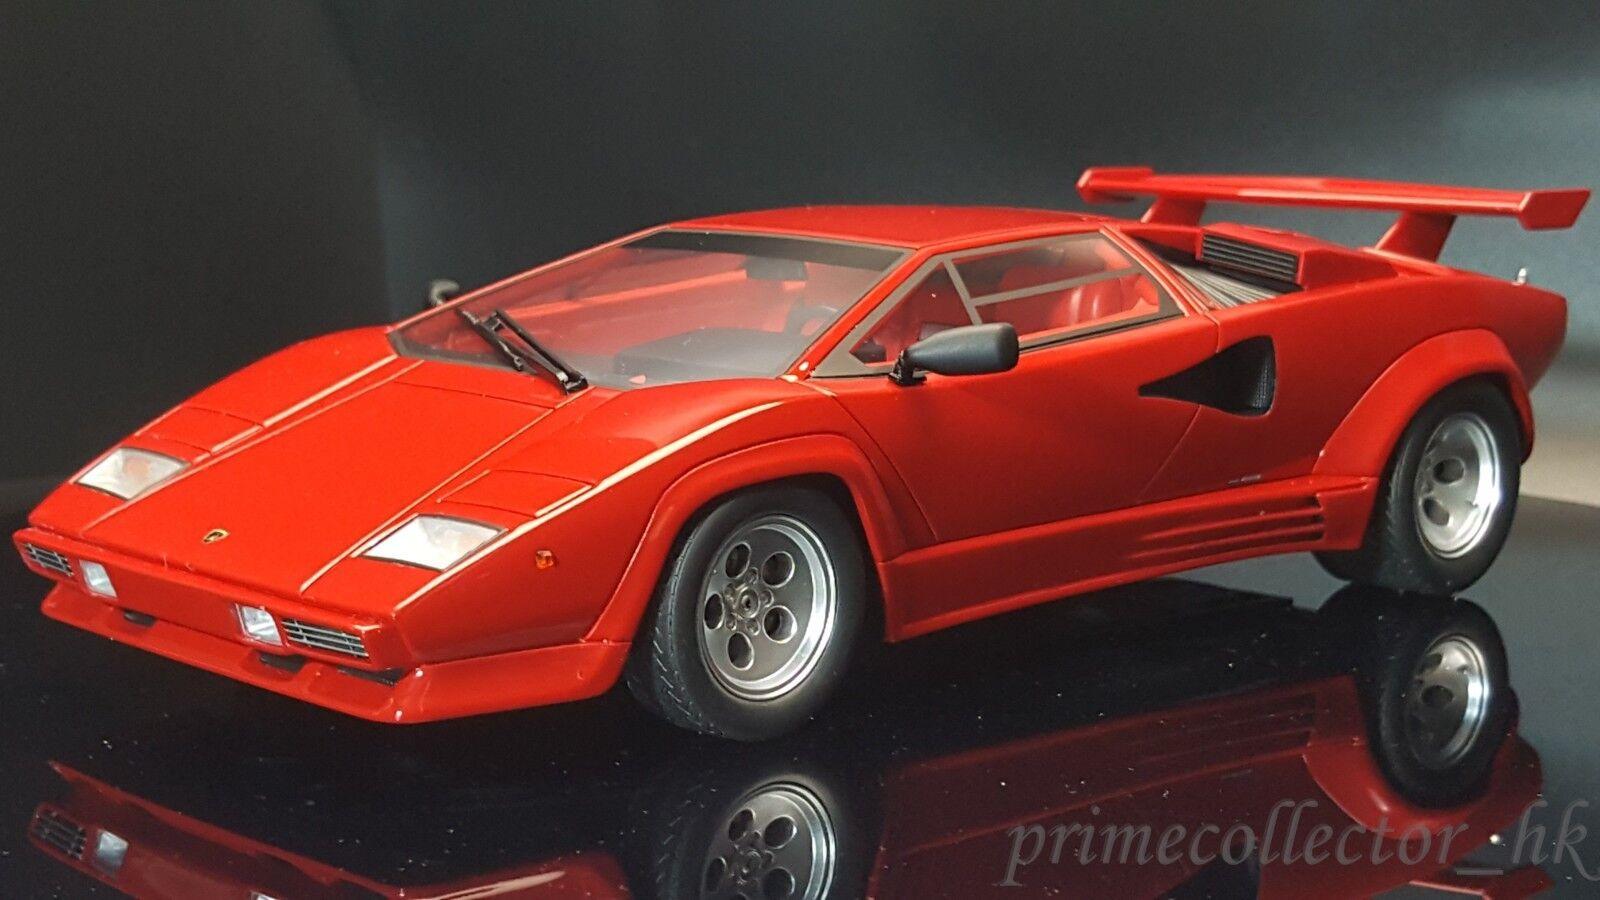 Kyosho 1 18 Lamborghini Countach 5000 Quattrovalvole Rojo KSR18504R